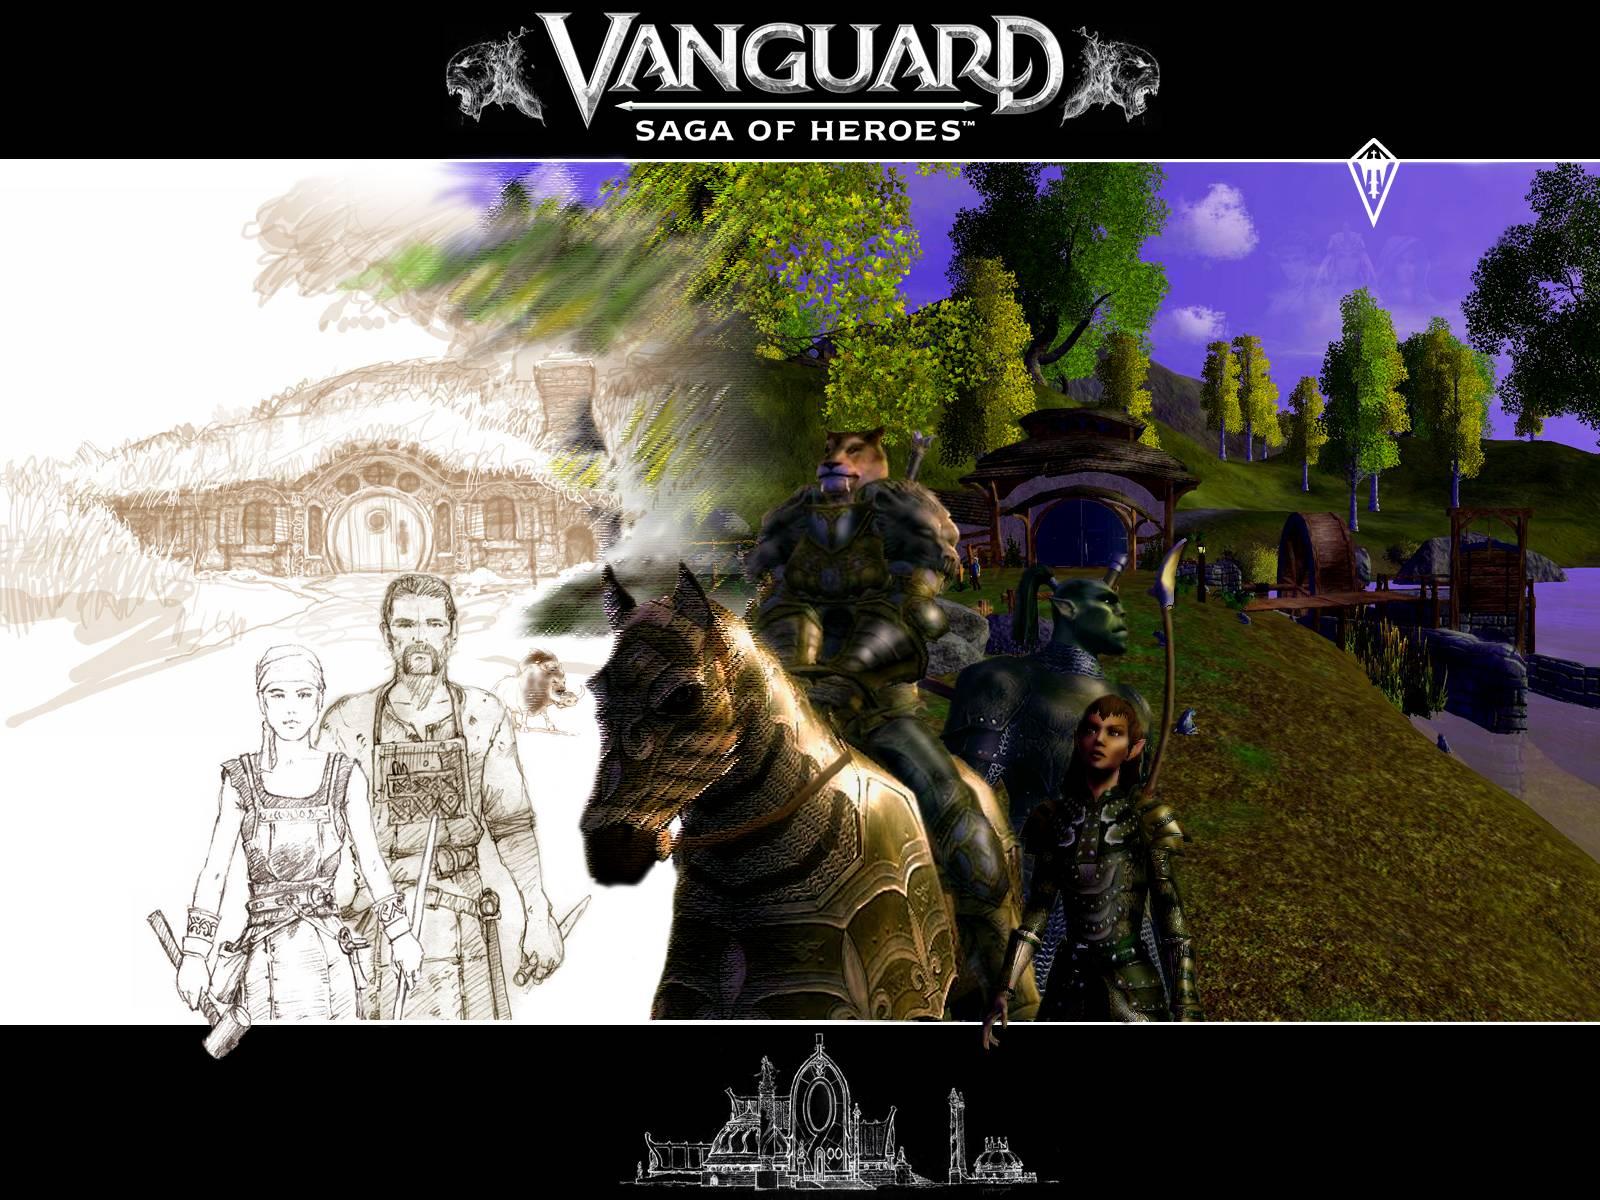 Imagenes de Vanguard: Saga of Heroes